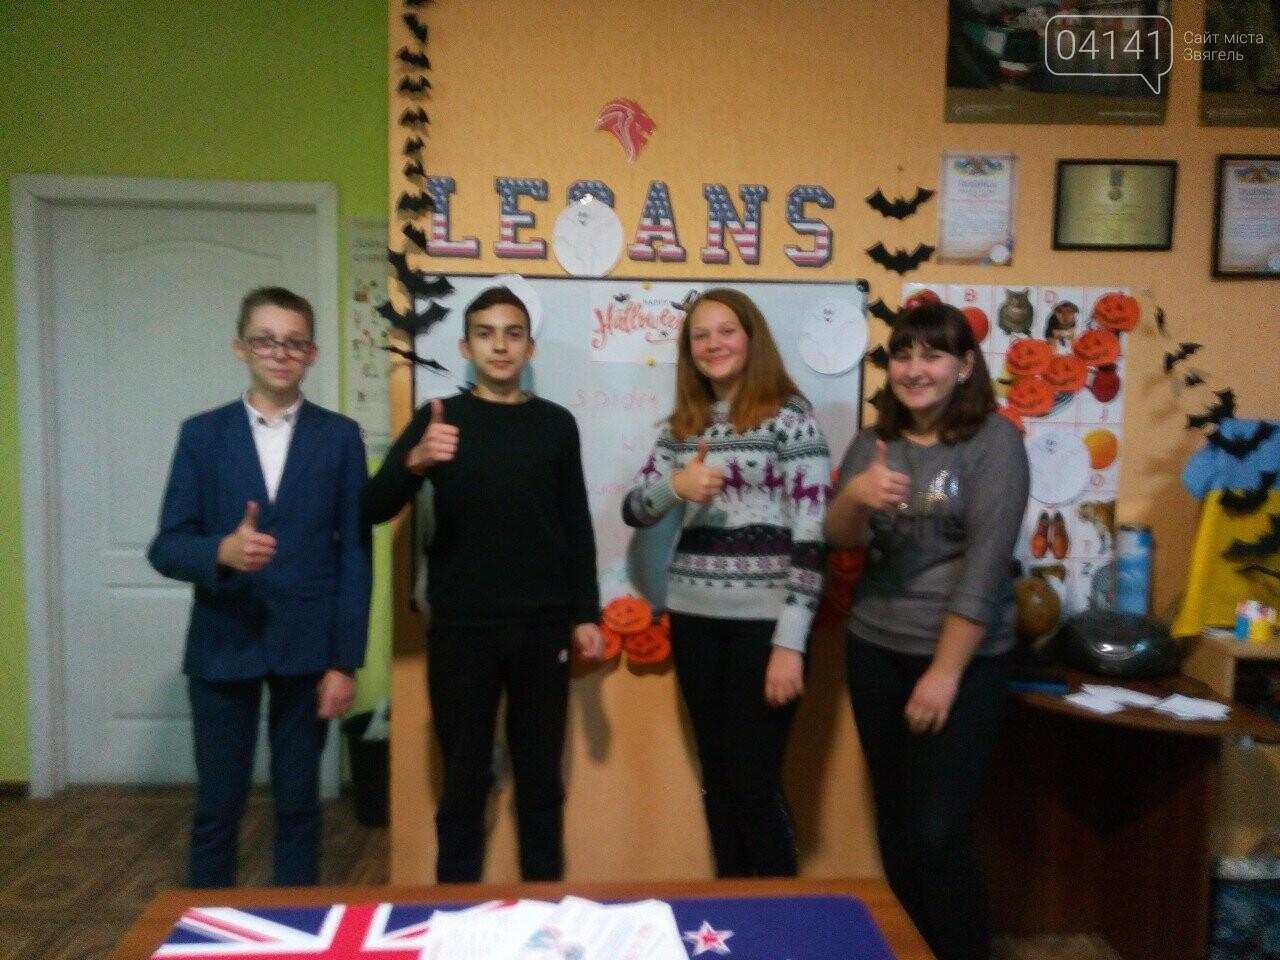 Halloween - що за свято? Як юні звягельчани пізнають традиції англомовного світу (ФОТО), фото-2